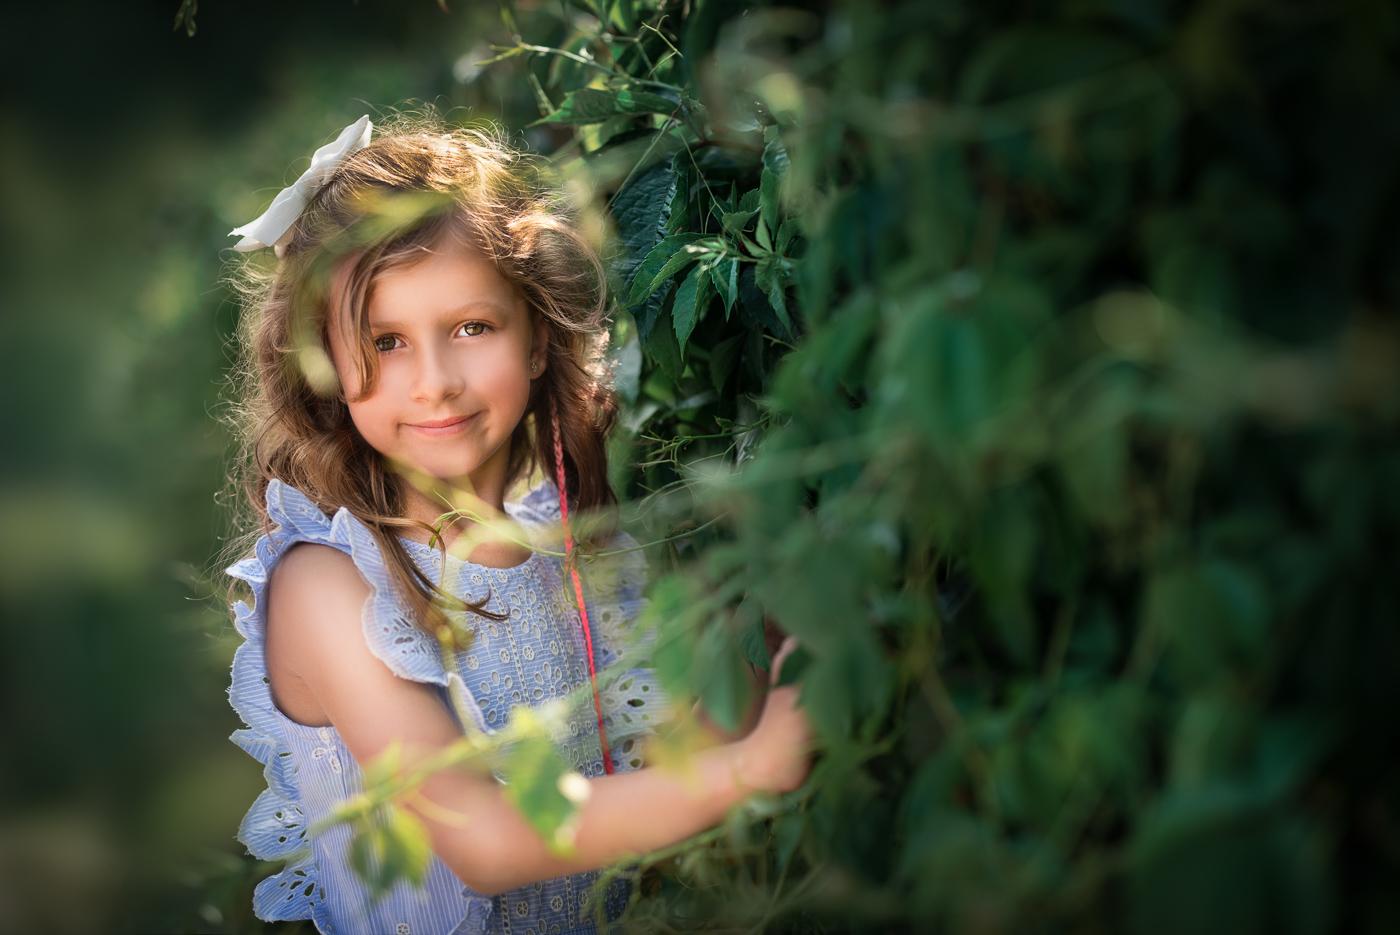 portret dziewczynki wśród liści i zieleni, sesja rodzinna nad morzem i w lesie_Anita Talaśka Fotografia